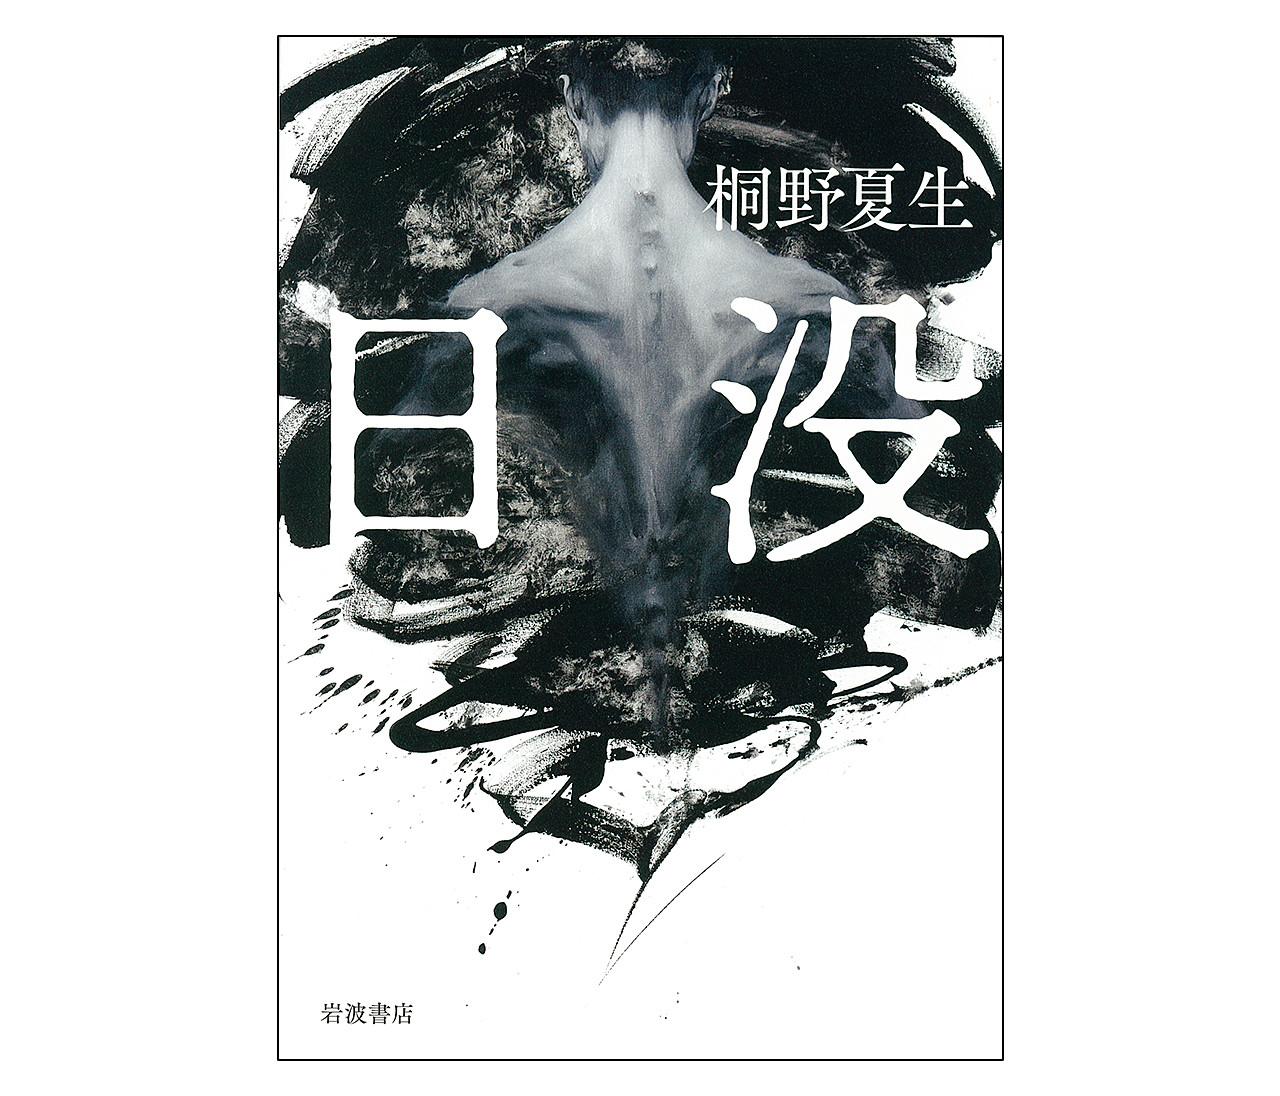 年末年始にはこれ!桐野夏生のリアルな恐怖小説『日没』をレビュー【30代におすすめの本】